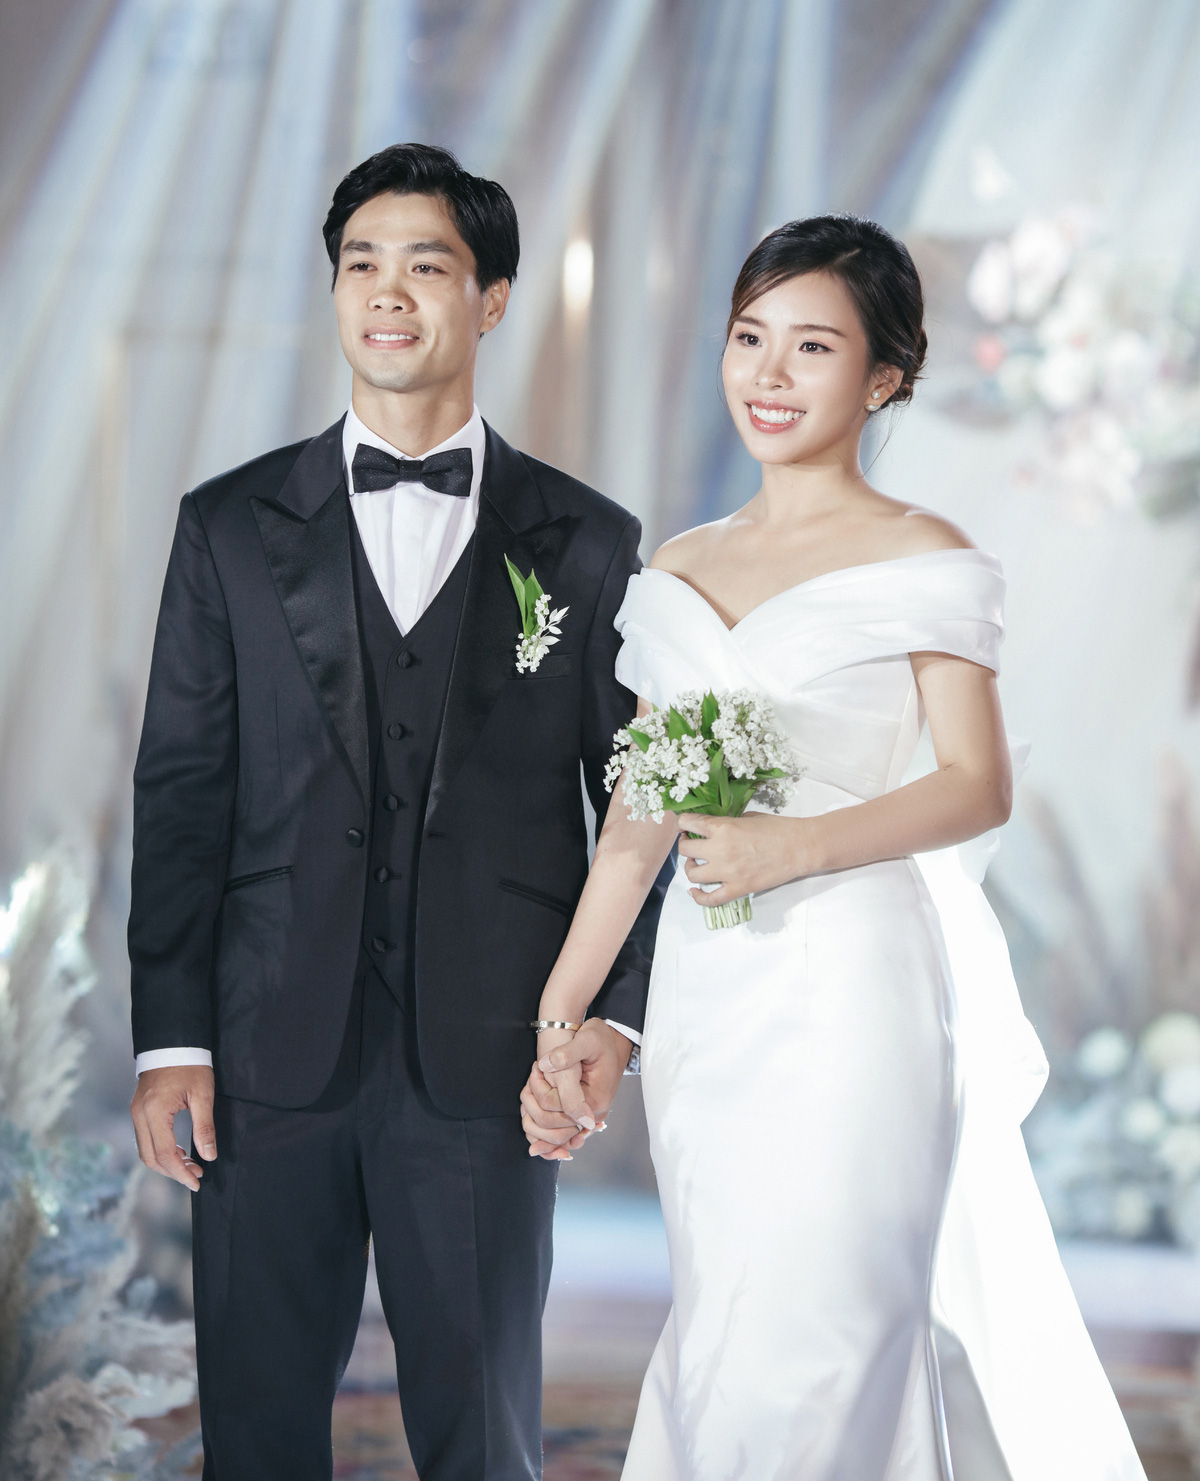 Dự đoán váy cưới cô dâu Viên Minh - vợ Công Phượng sẽ mặc tại Phú Quốc: vẫn tối giản, trang nhã hay cầu kì, quyến rũ? - Ảnh 2.